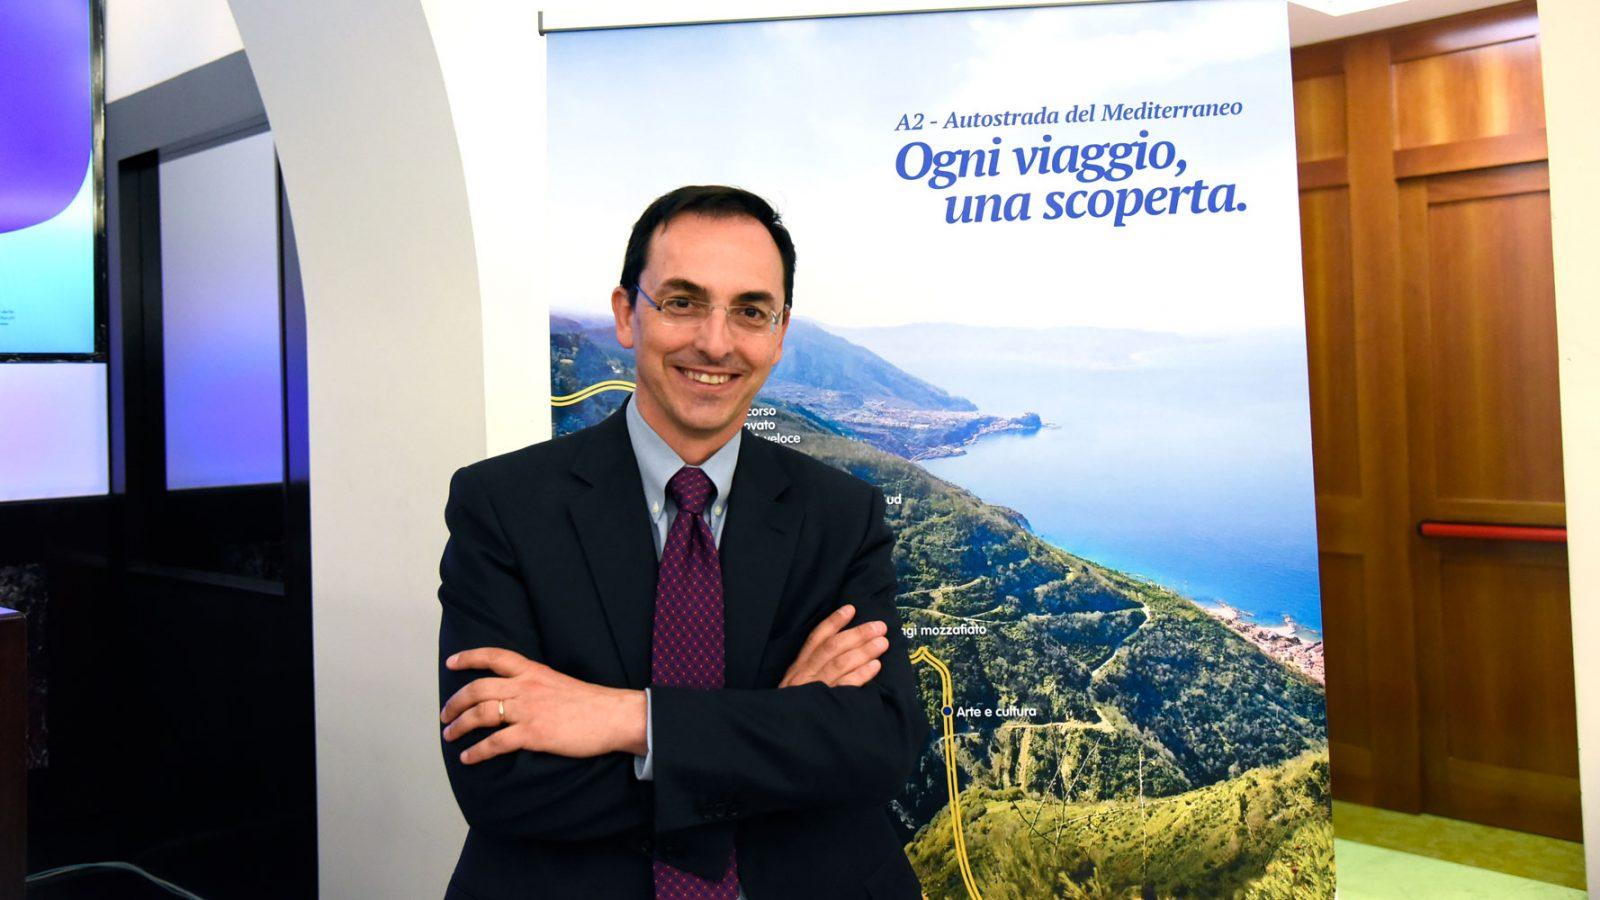 Gianni Vittorio Armani durante la presentazione della campagna #OgniViaggioUnaScoperta (Archivio storico Anas)